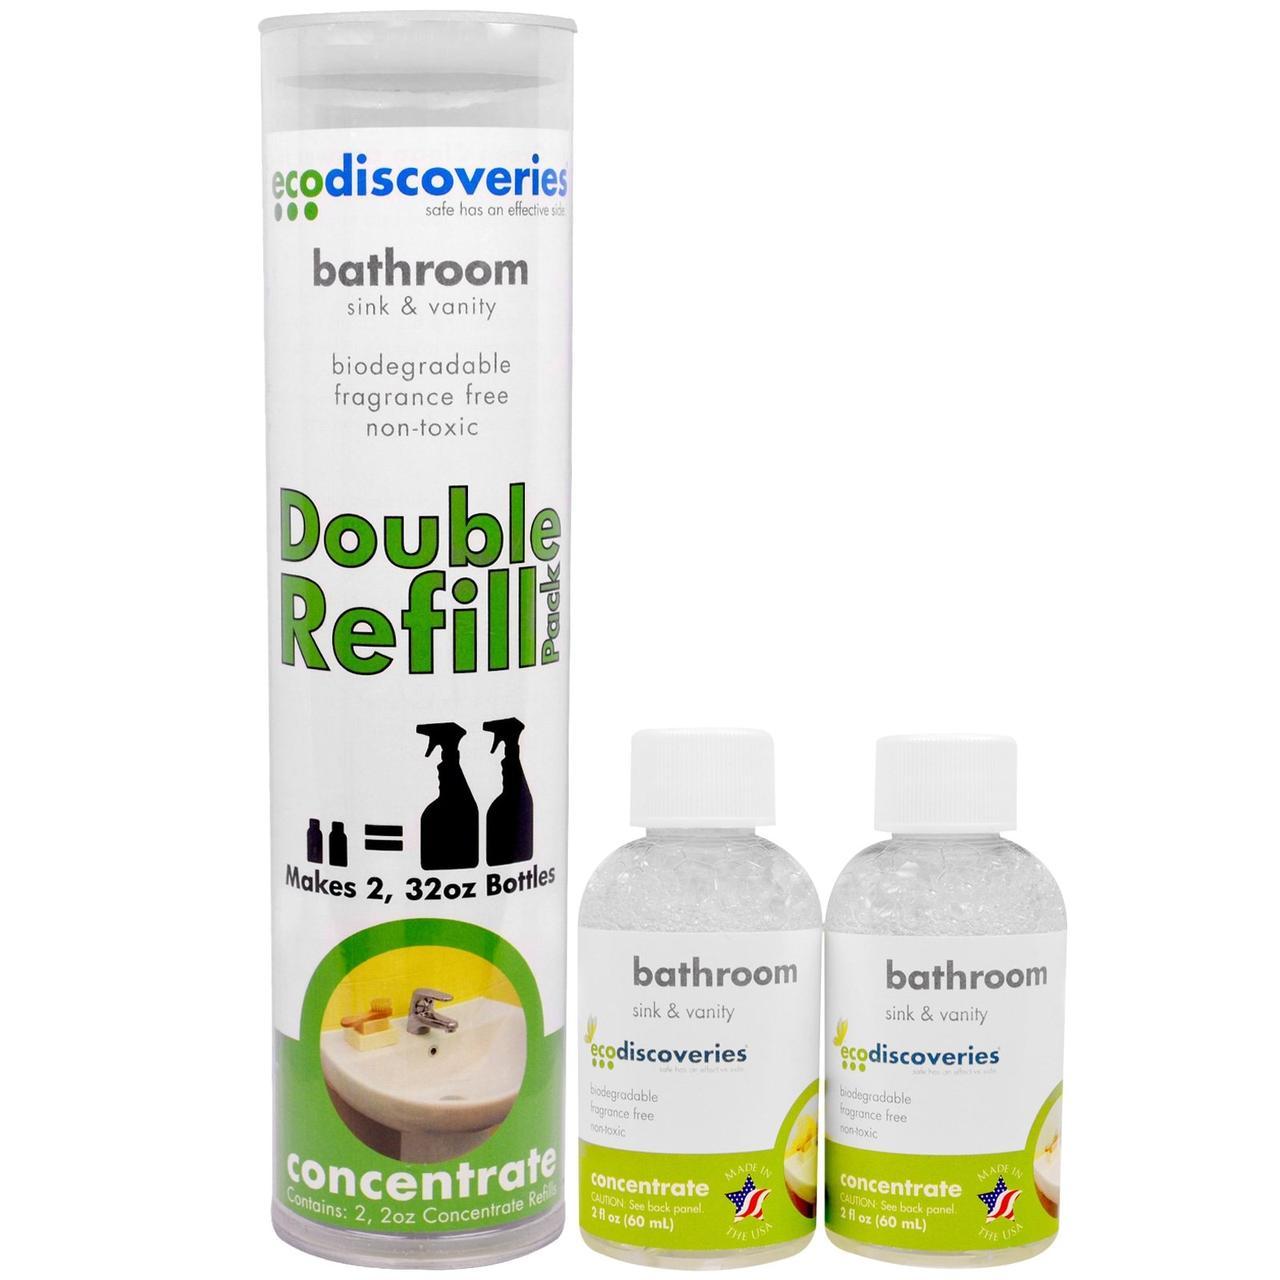 EcoDiscoveries, Подвійний пакет поповнення, засіб для чищення ванної кімнати, раковина і туалетний столик, за 2 рідин та си. унц. (60 мл) кожен